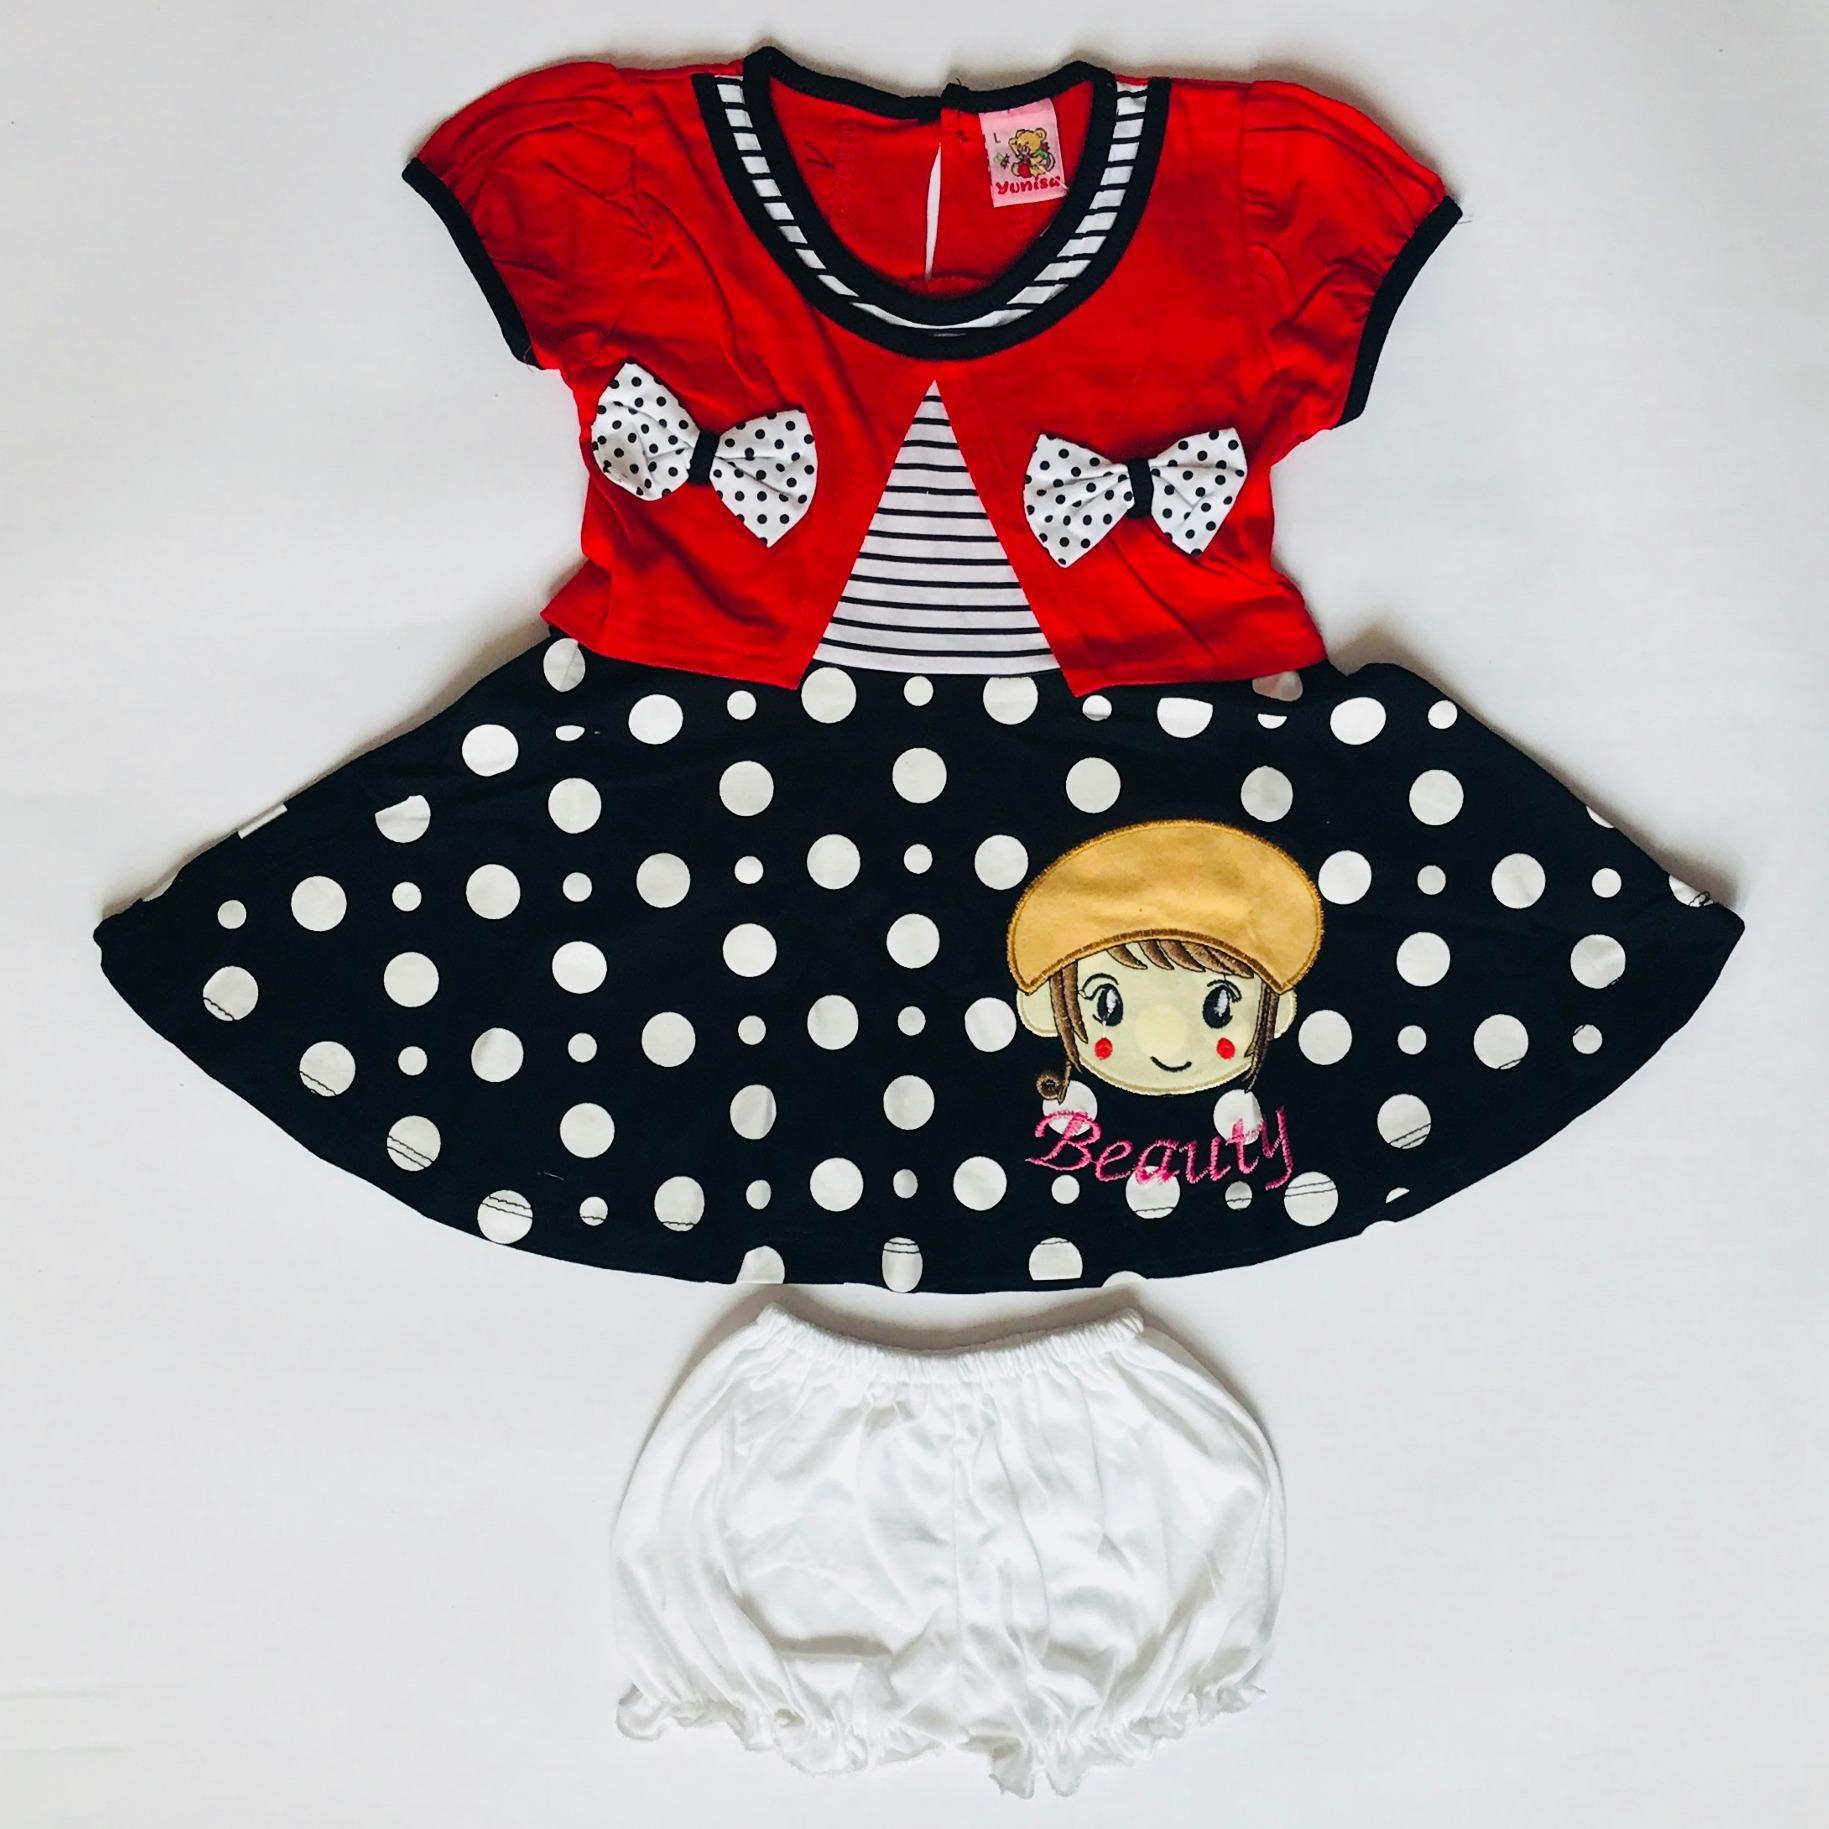 BAYIe - Setelan Baju Bayi Dress Anak Perempuan motif CEWEK YUNISA / Pakaian anak cewek umur